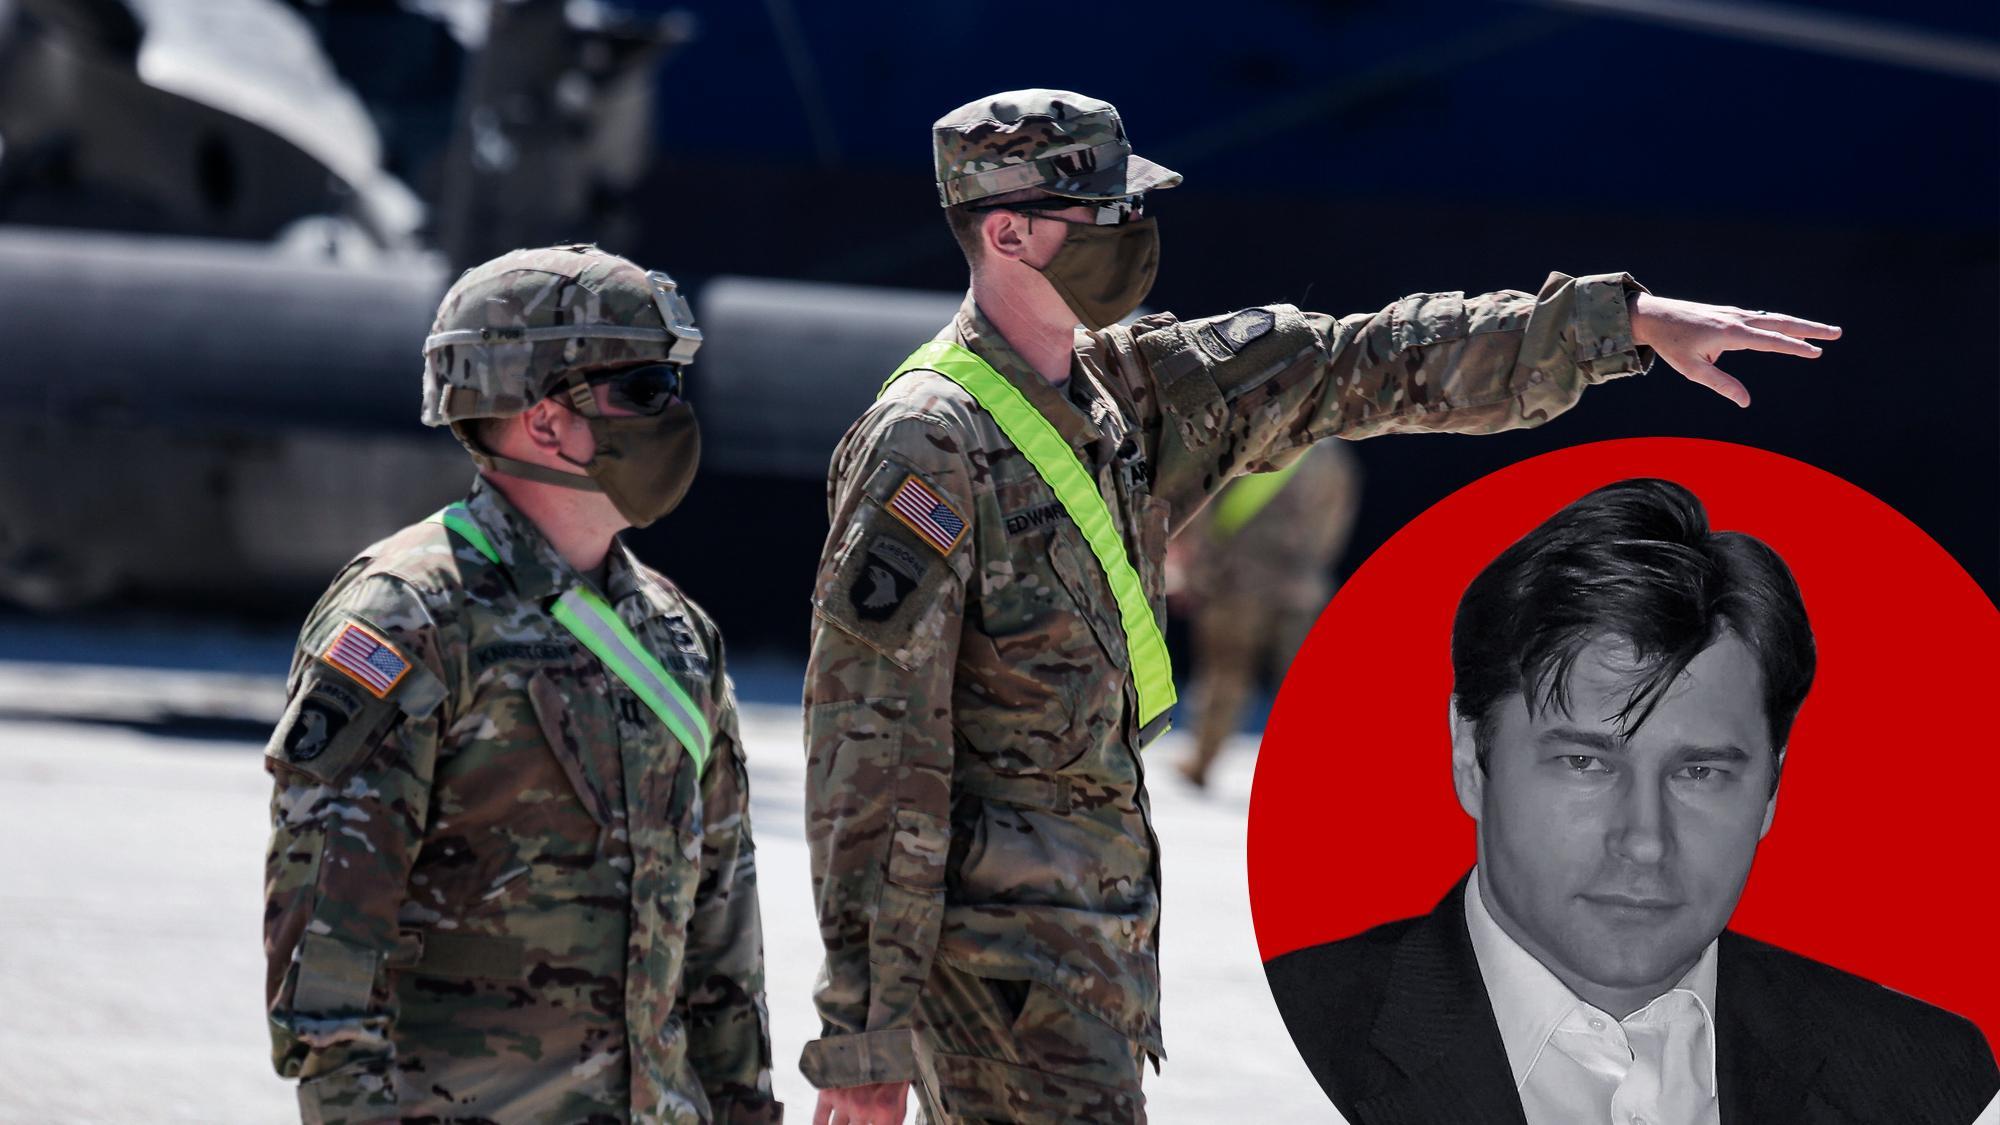 Битва не за горами. Для чего США готовятся к военным действиям в Черноморском регионе